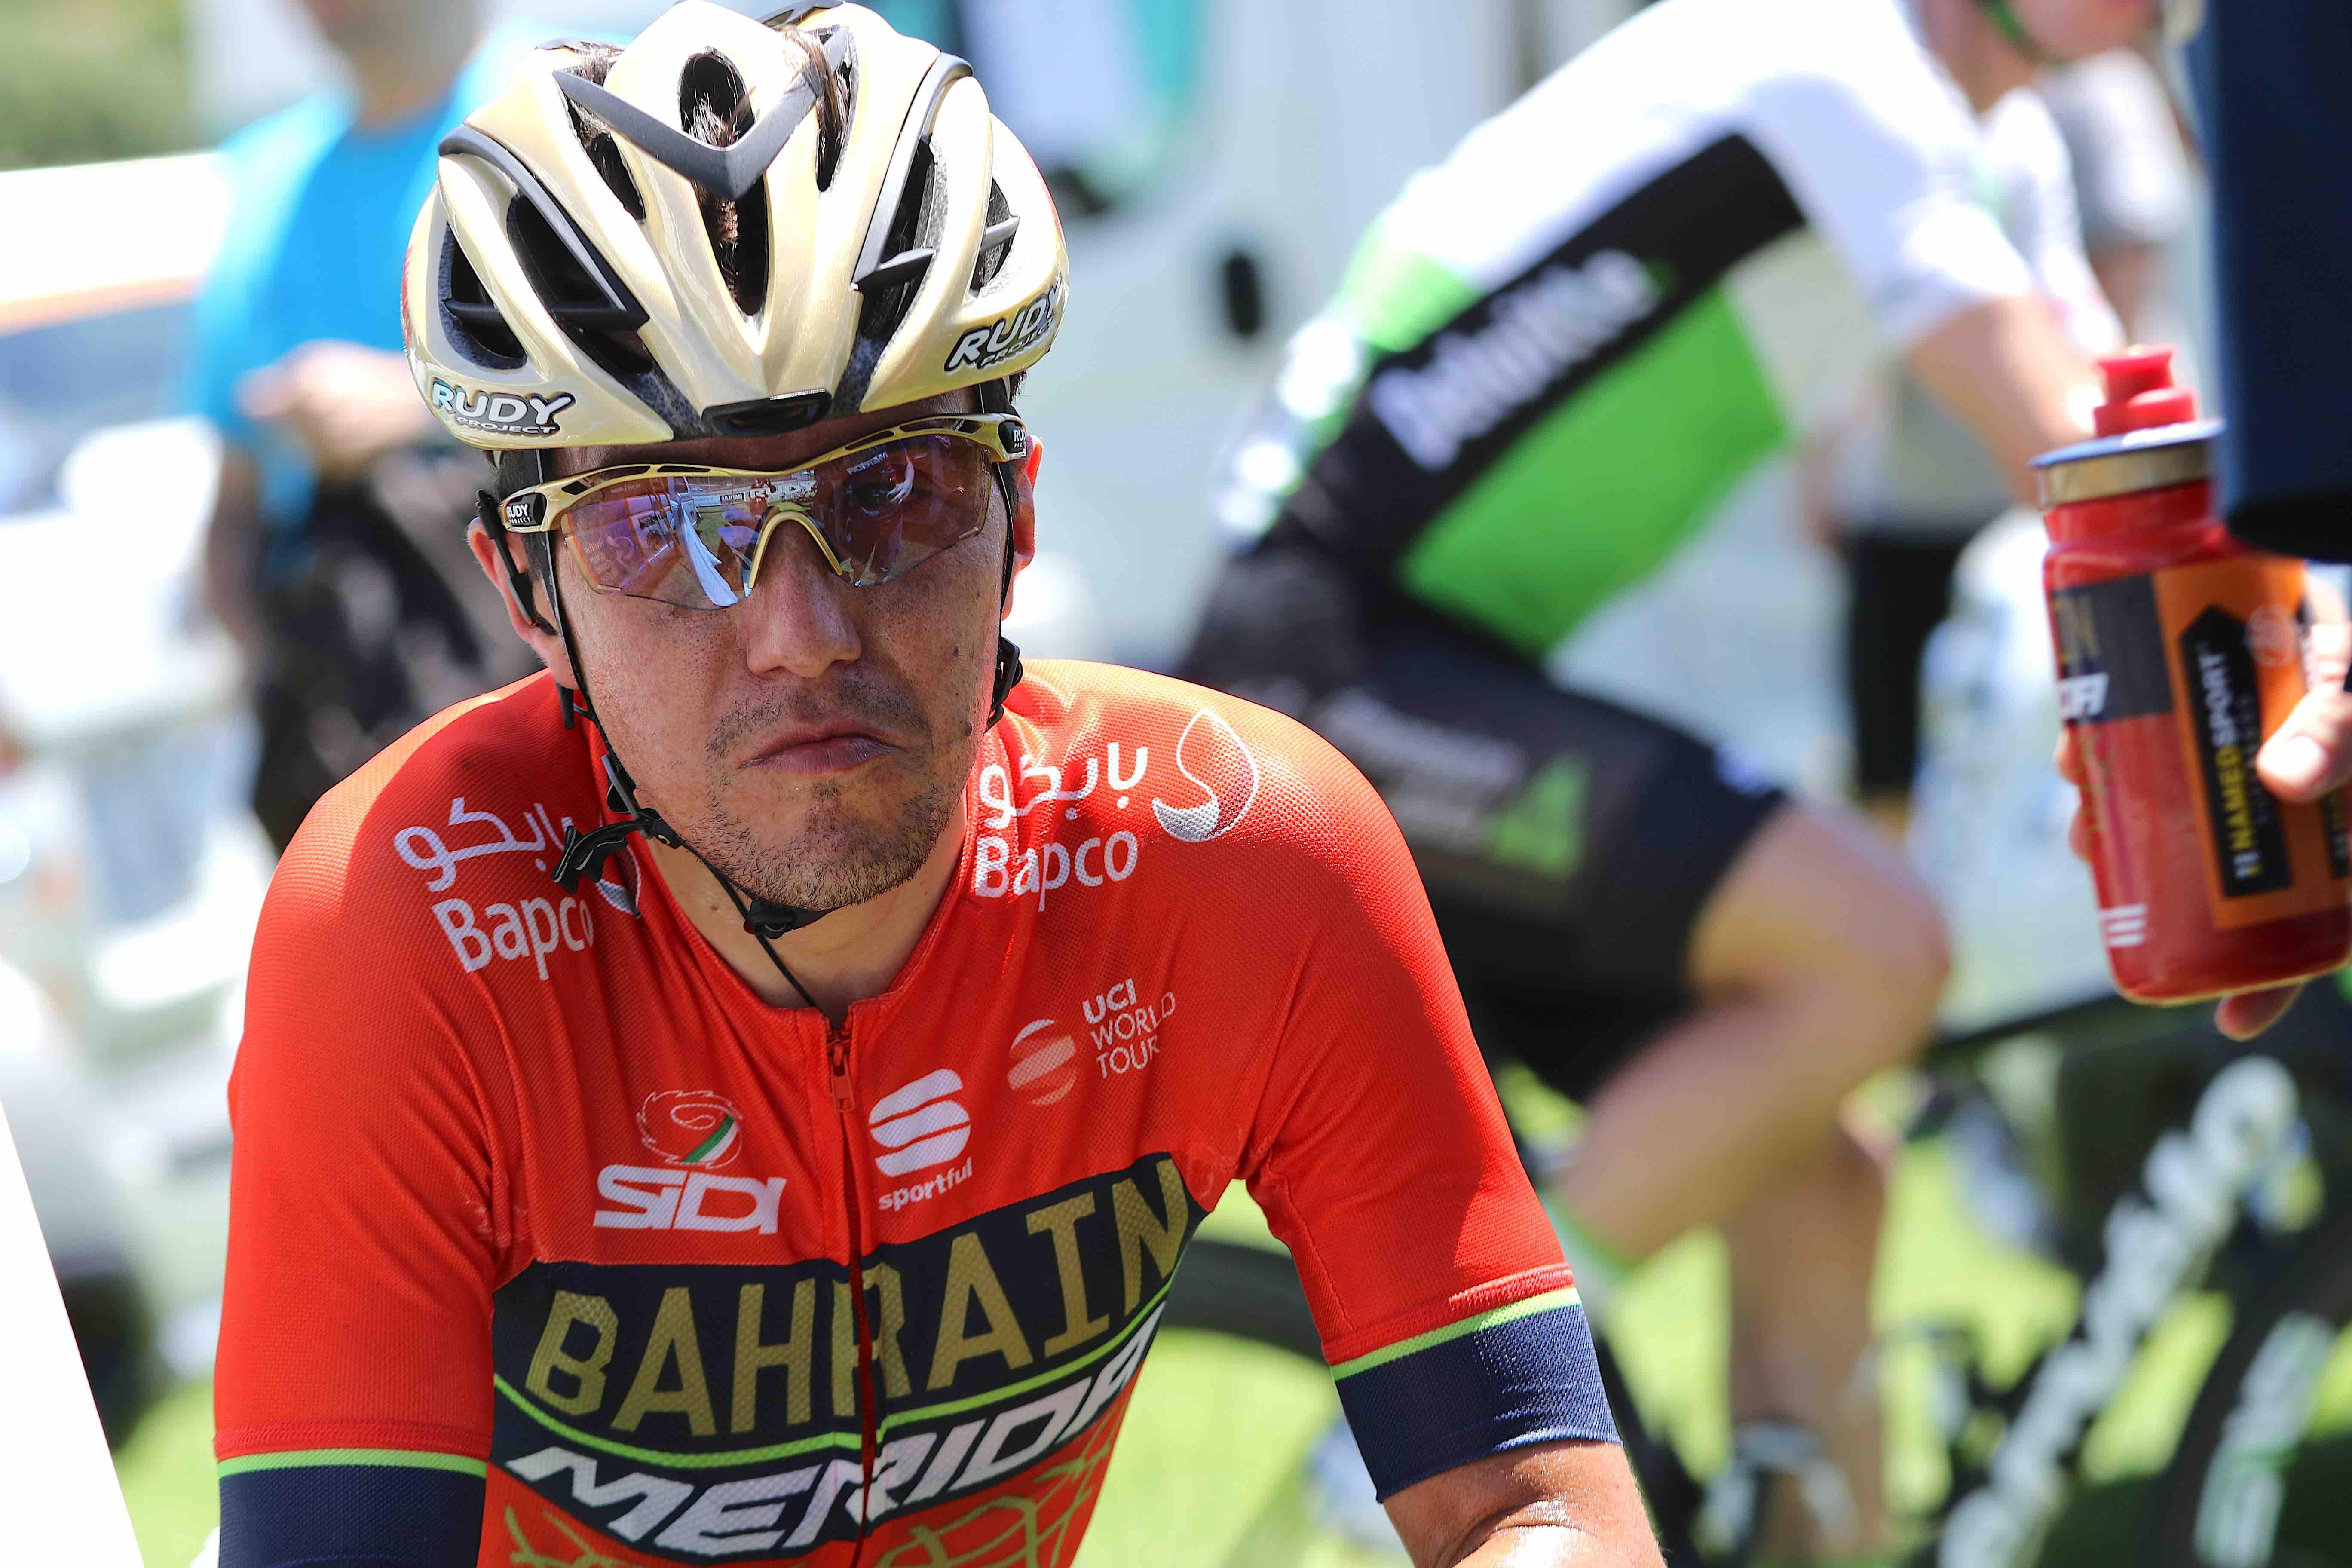 Alejandro Valverde vince a Jebel Hafeet e conquista l'Abu Dhabi Tour